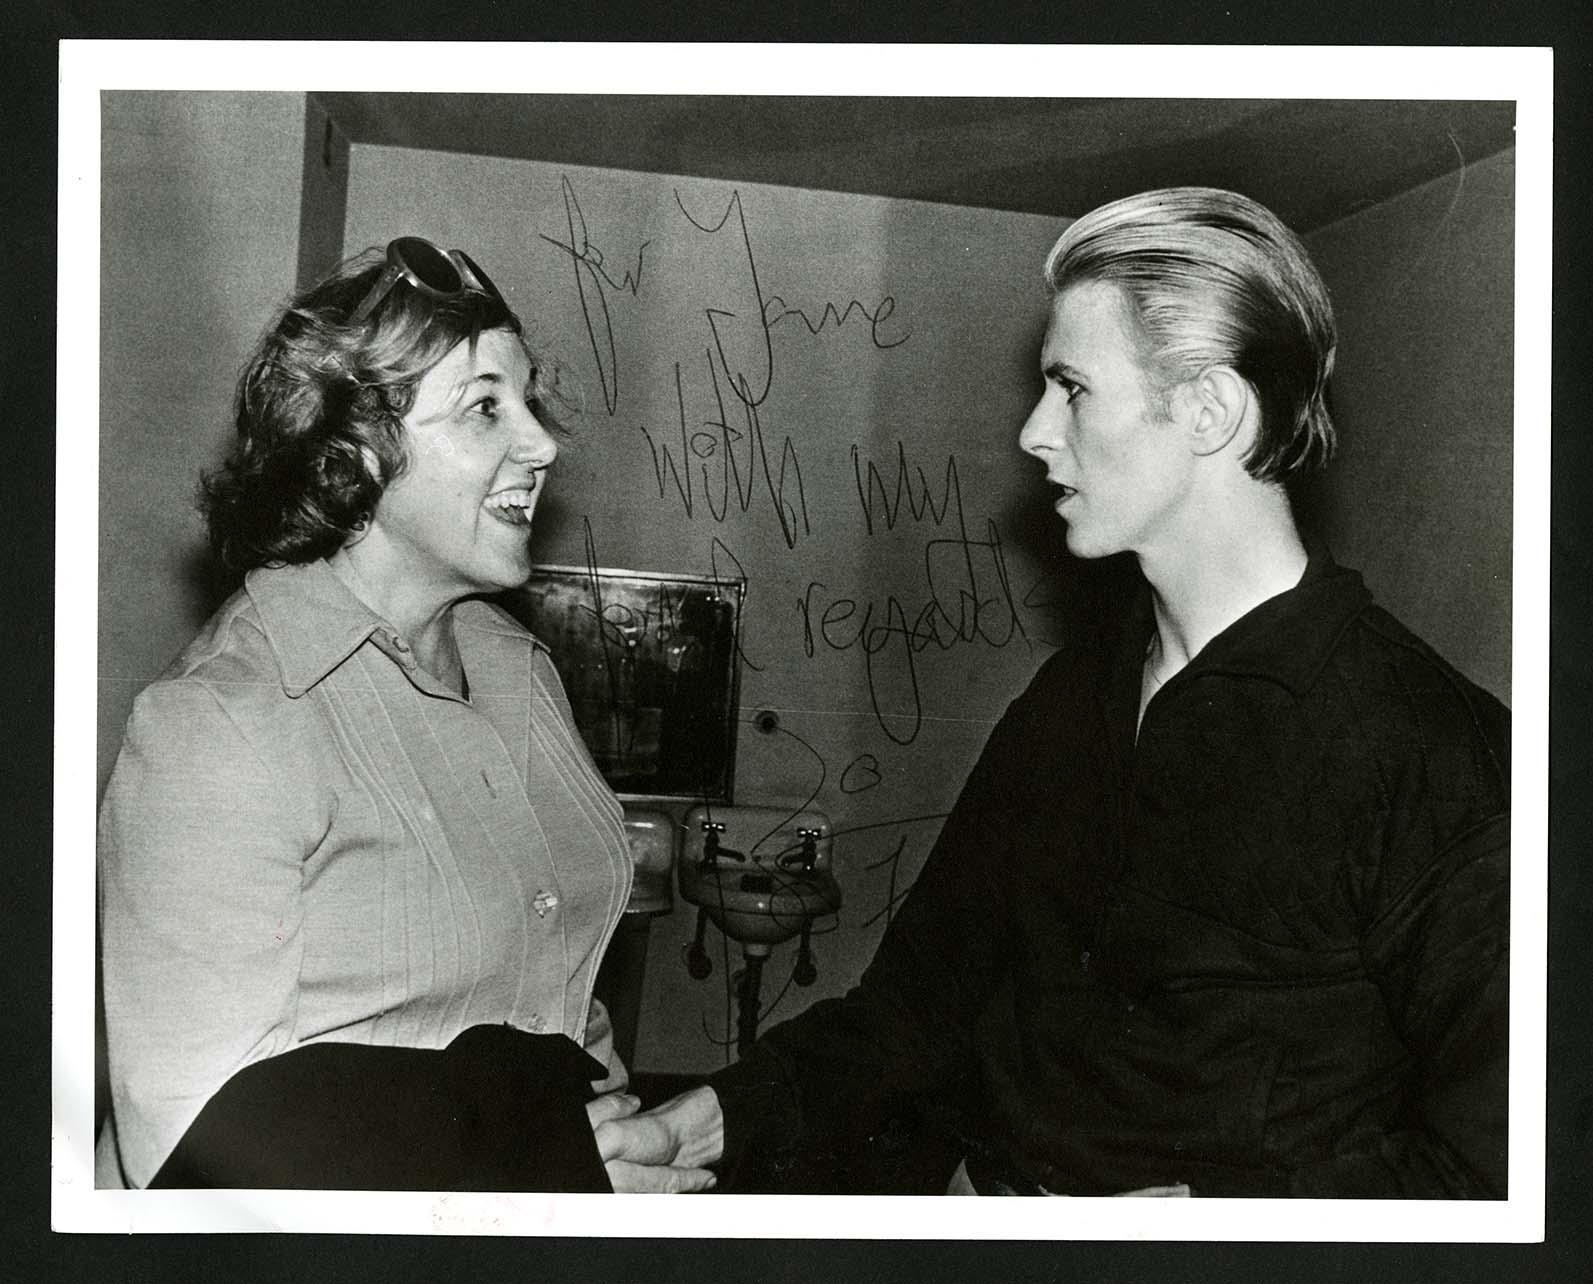 Jane Scott and David Bowie